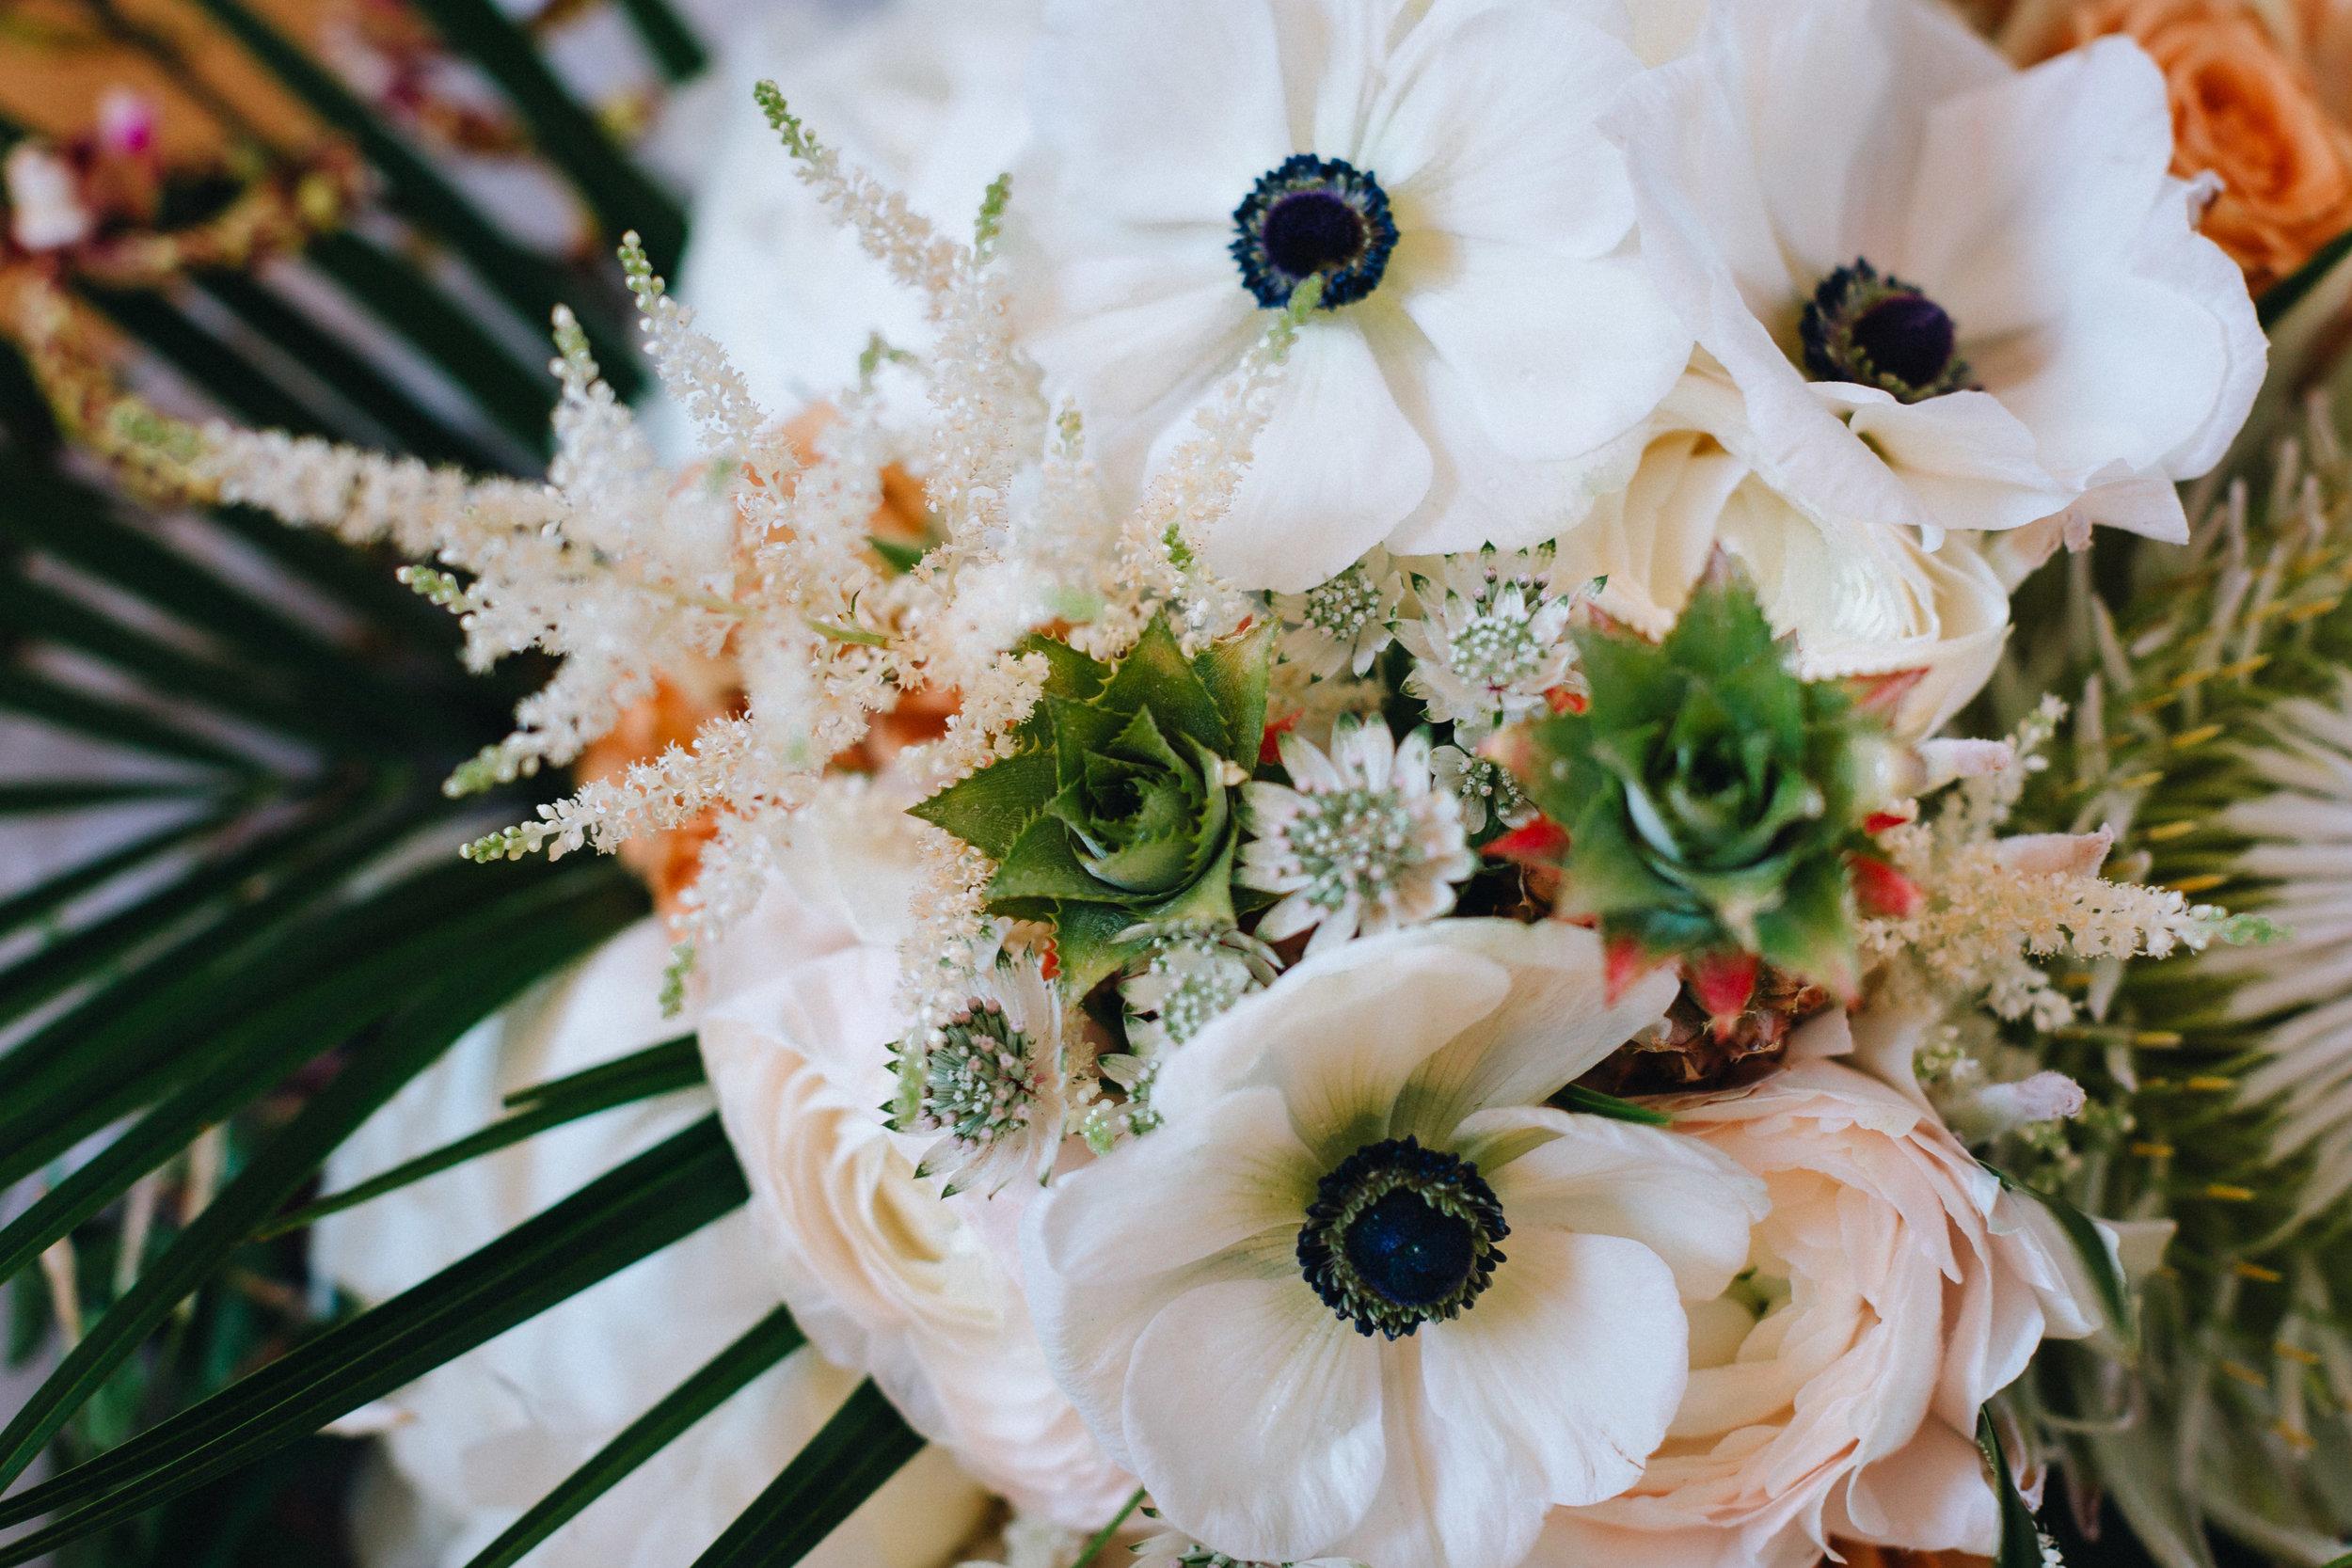 Whitney-Matt-wedding-Two Penguin Photography - Forage Ojai-JBO_2985.jpg